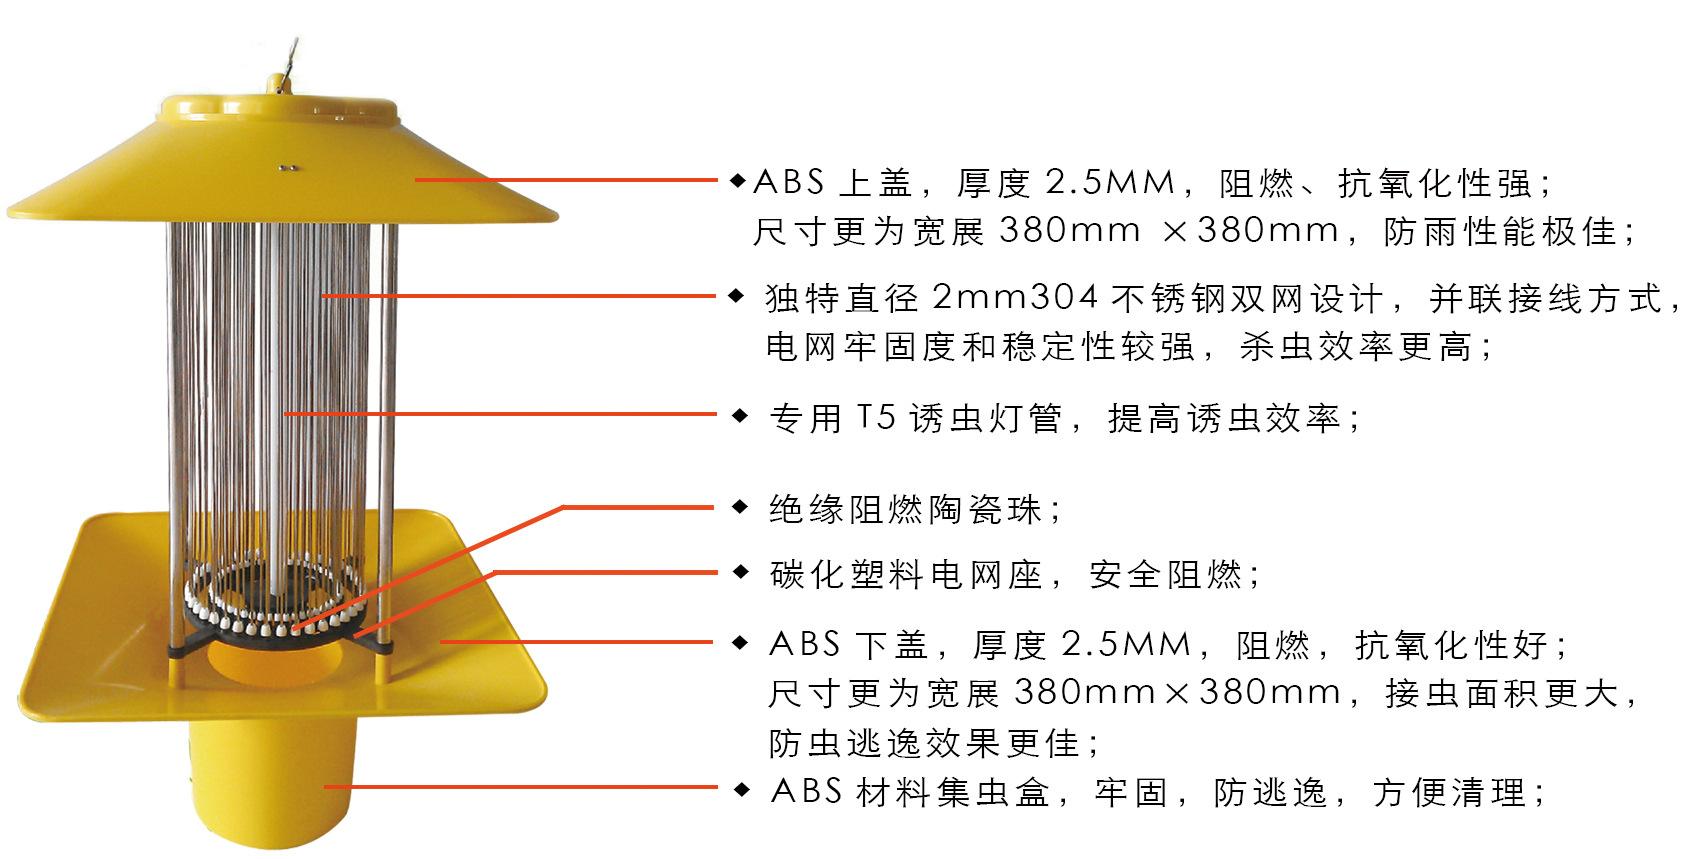 灯体智能控制系统含有光控,雨(湿)控,时控等功能,电路保护系统含短路